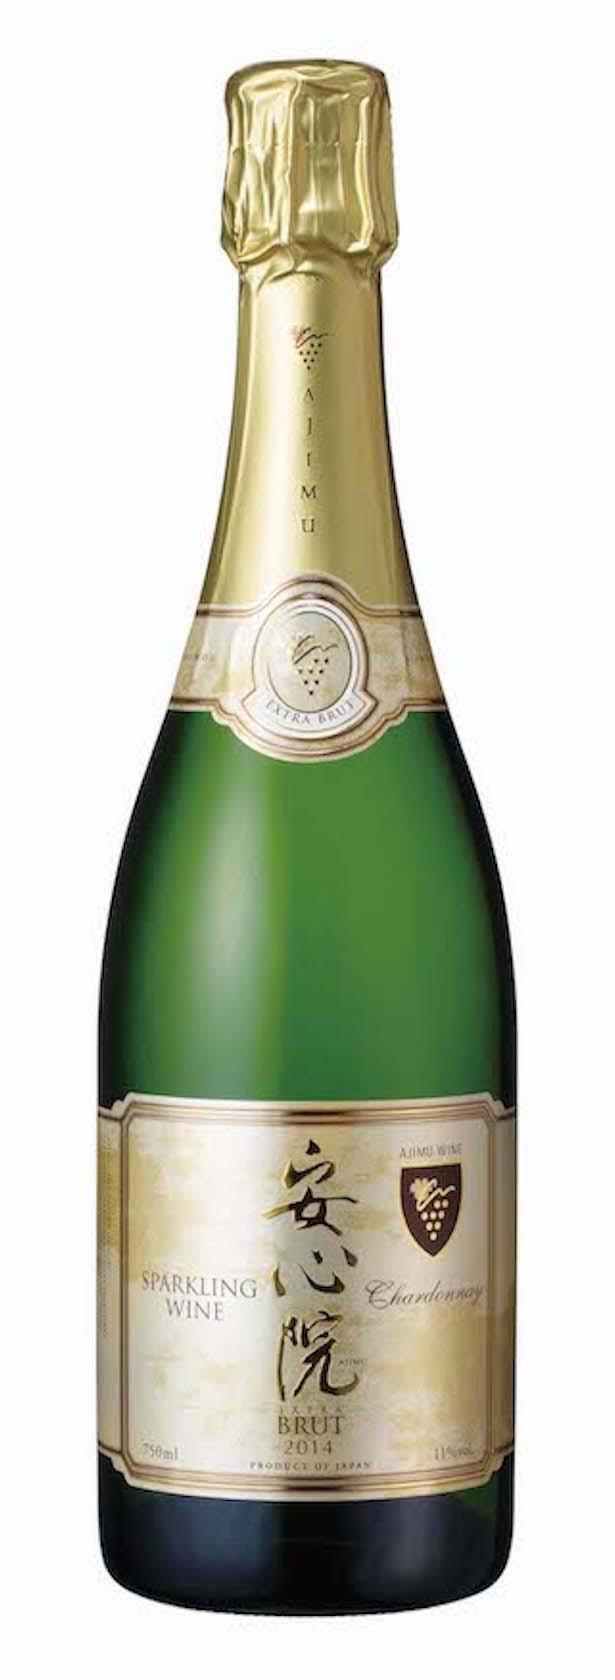 安心院スパークリングワイン(750ml 3500円・税込)